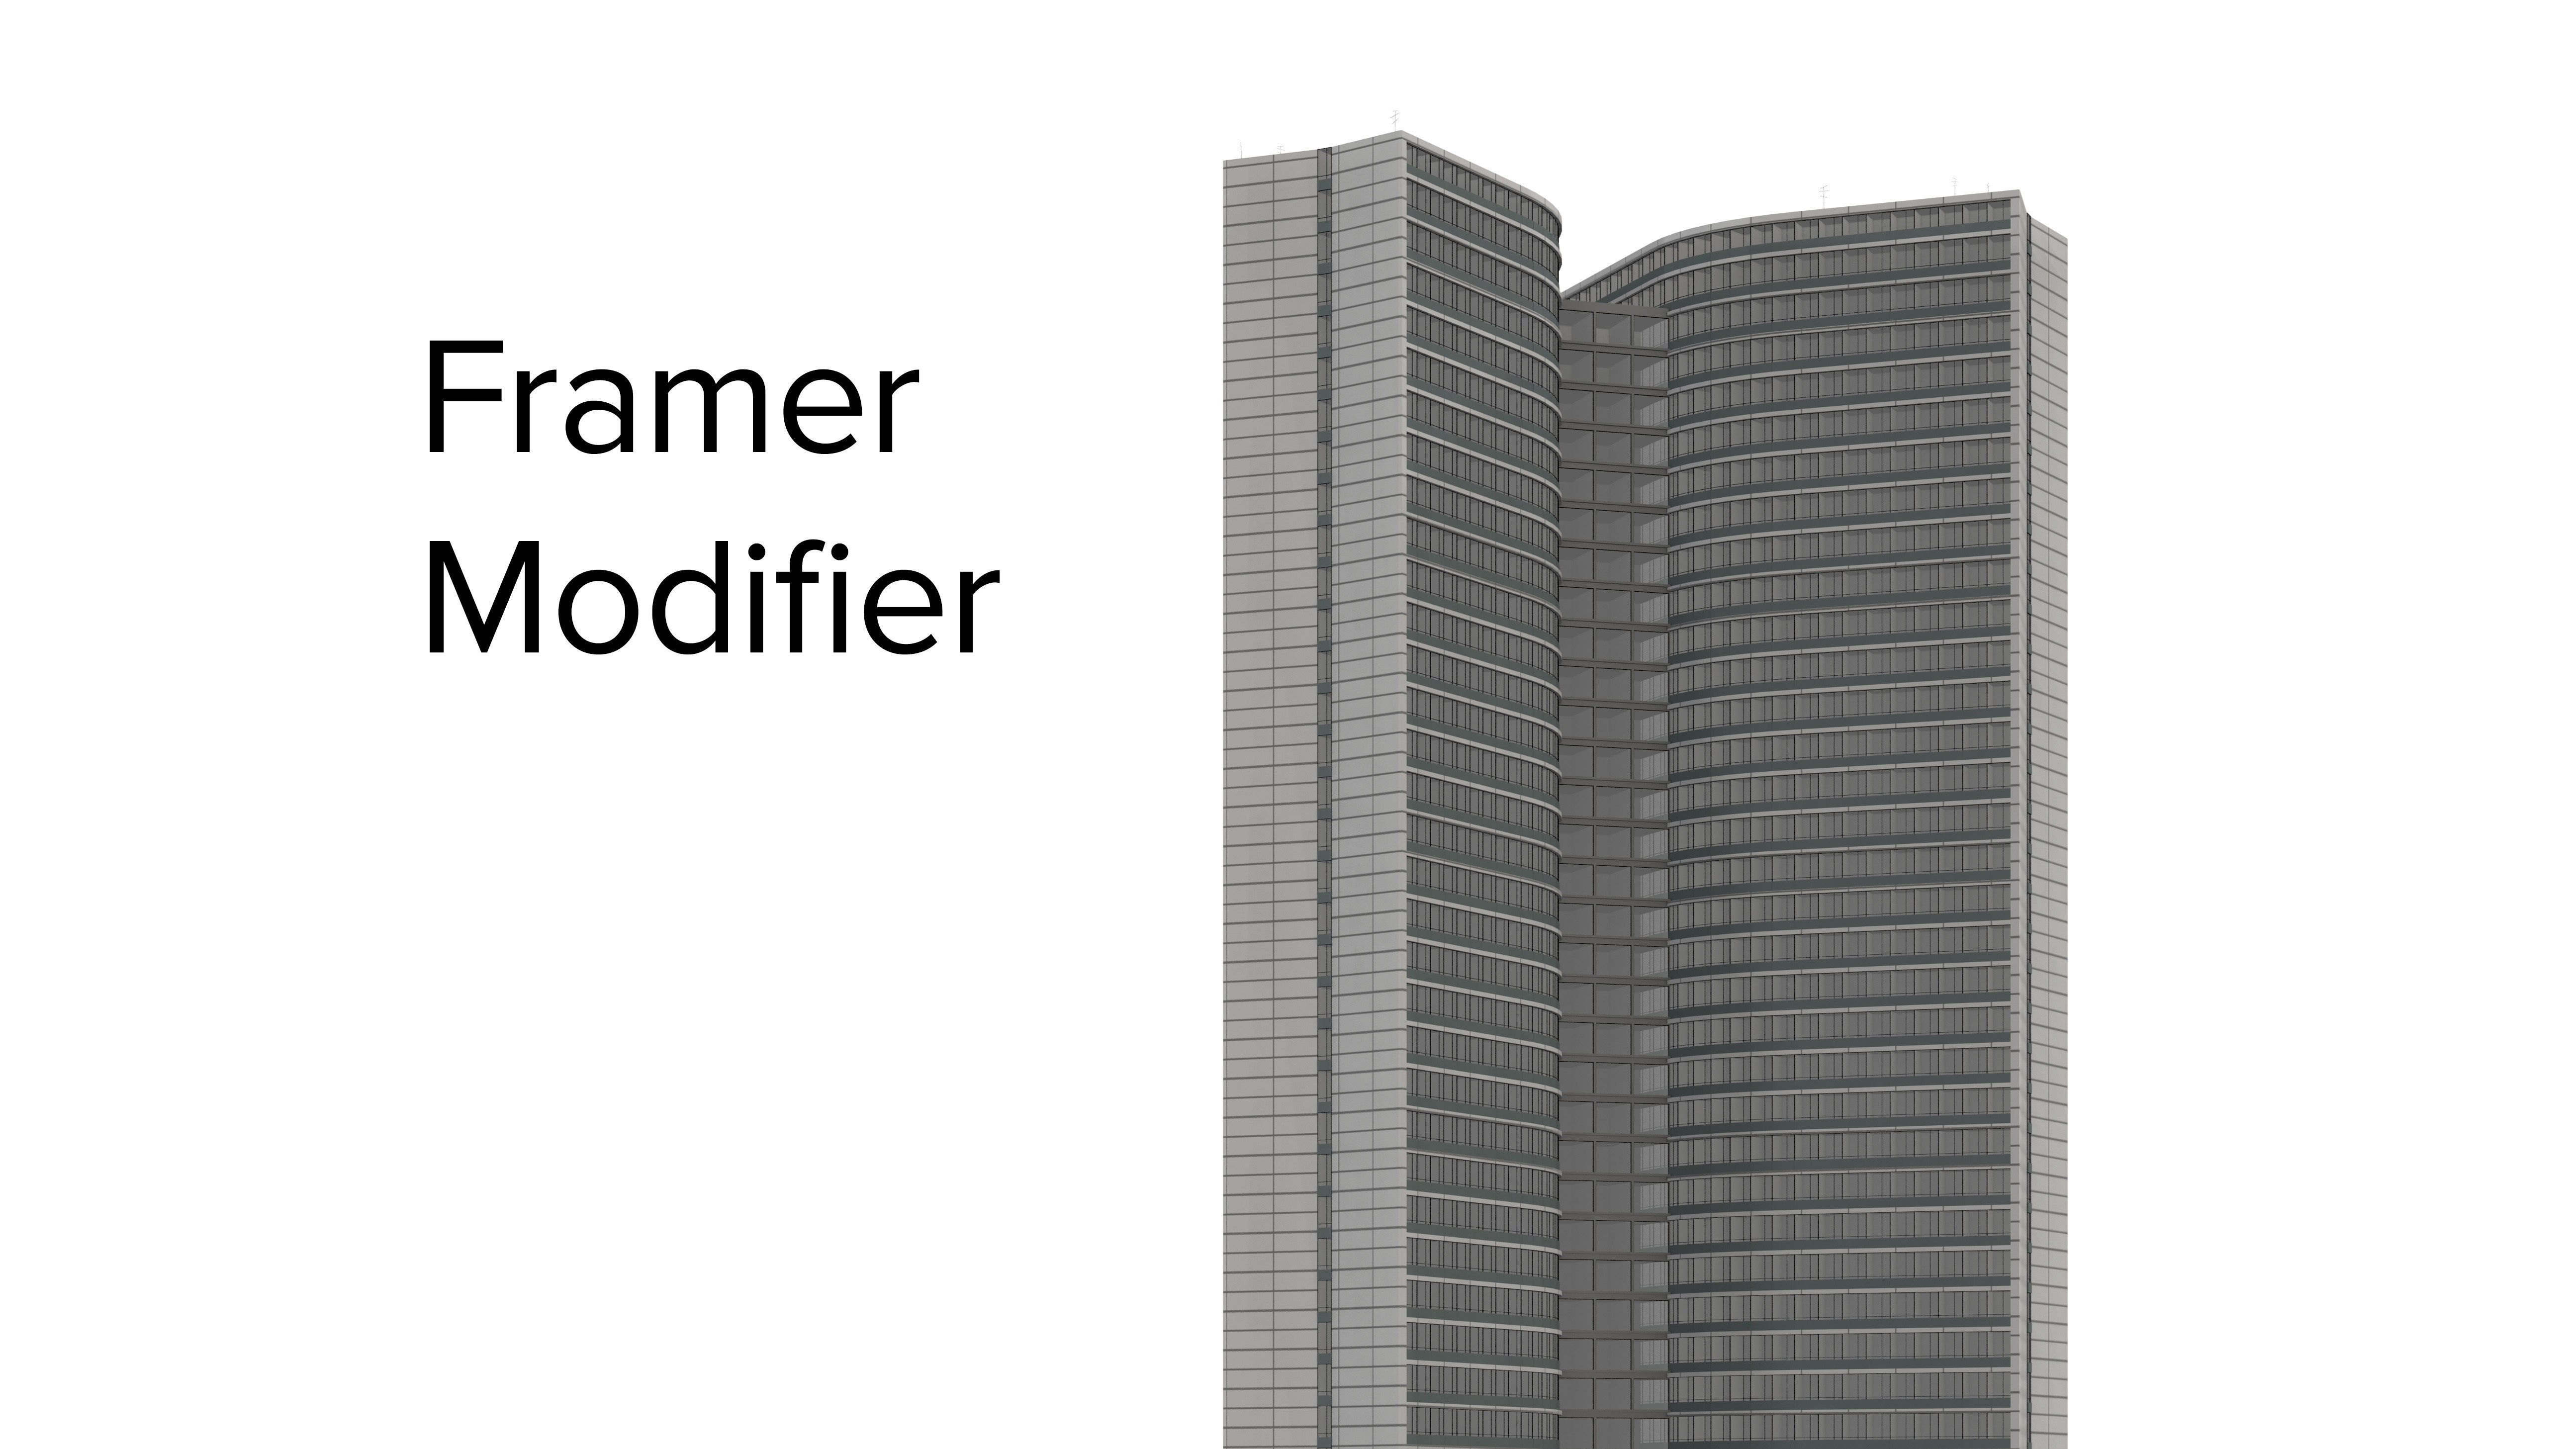 Framer Modifier